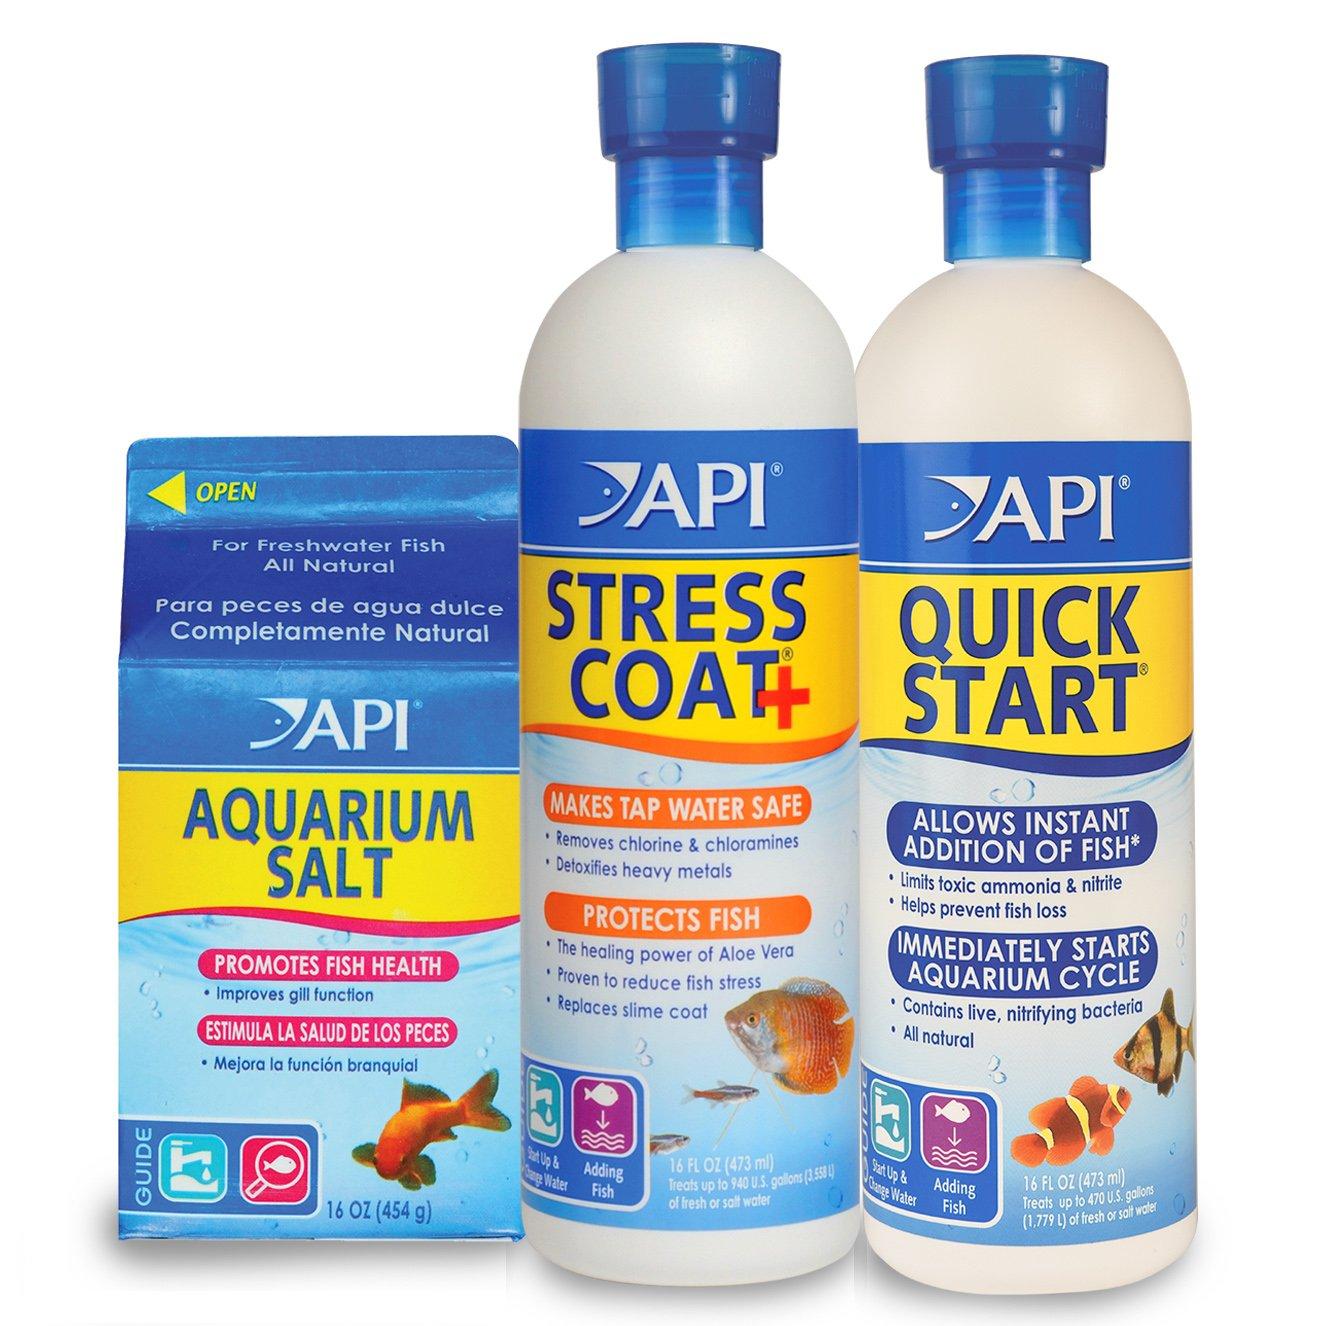 Buy Quick Start Now!